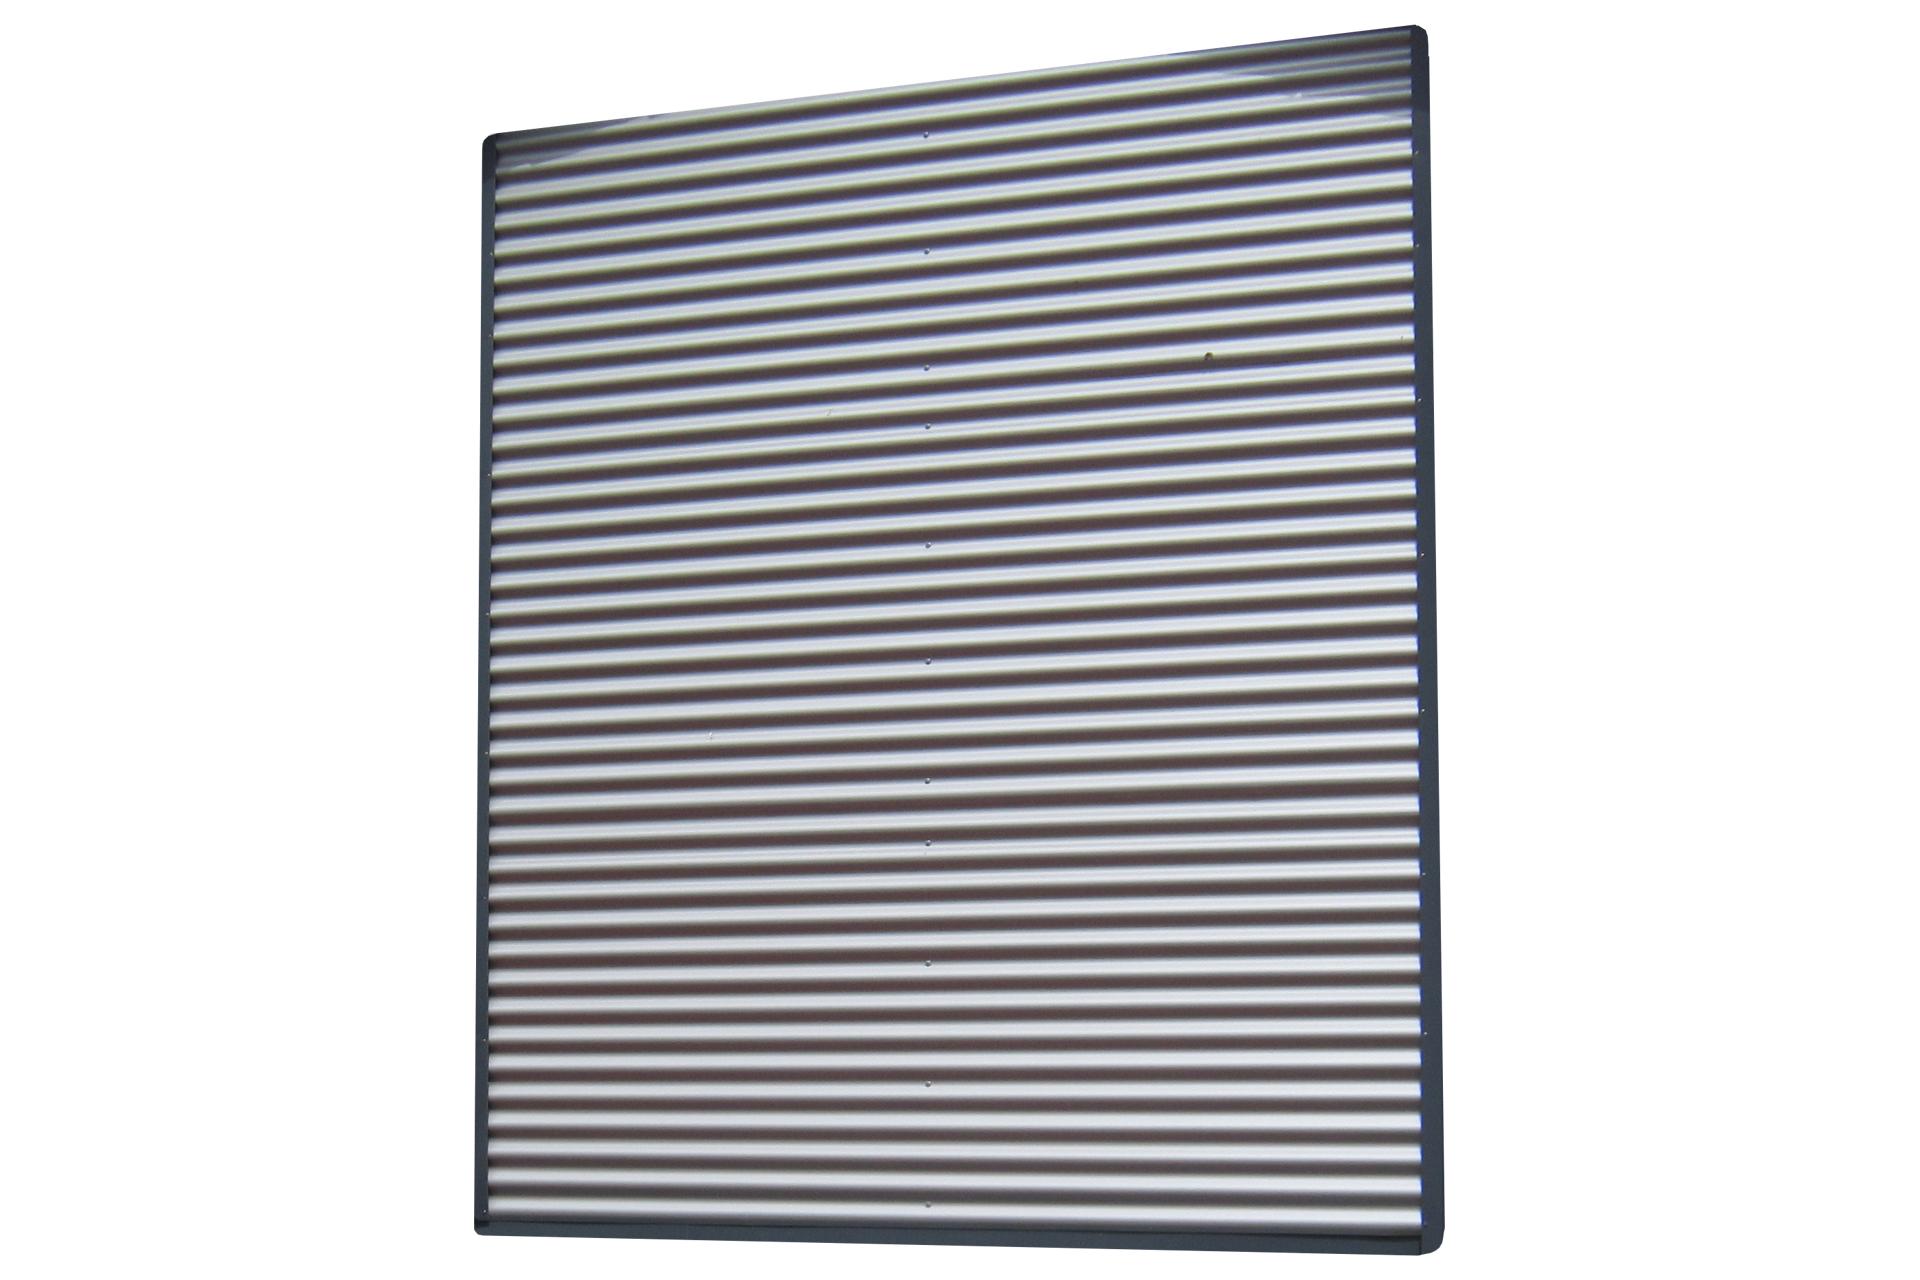 Metallfassaden - Blechfassade